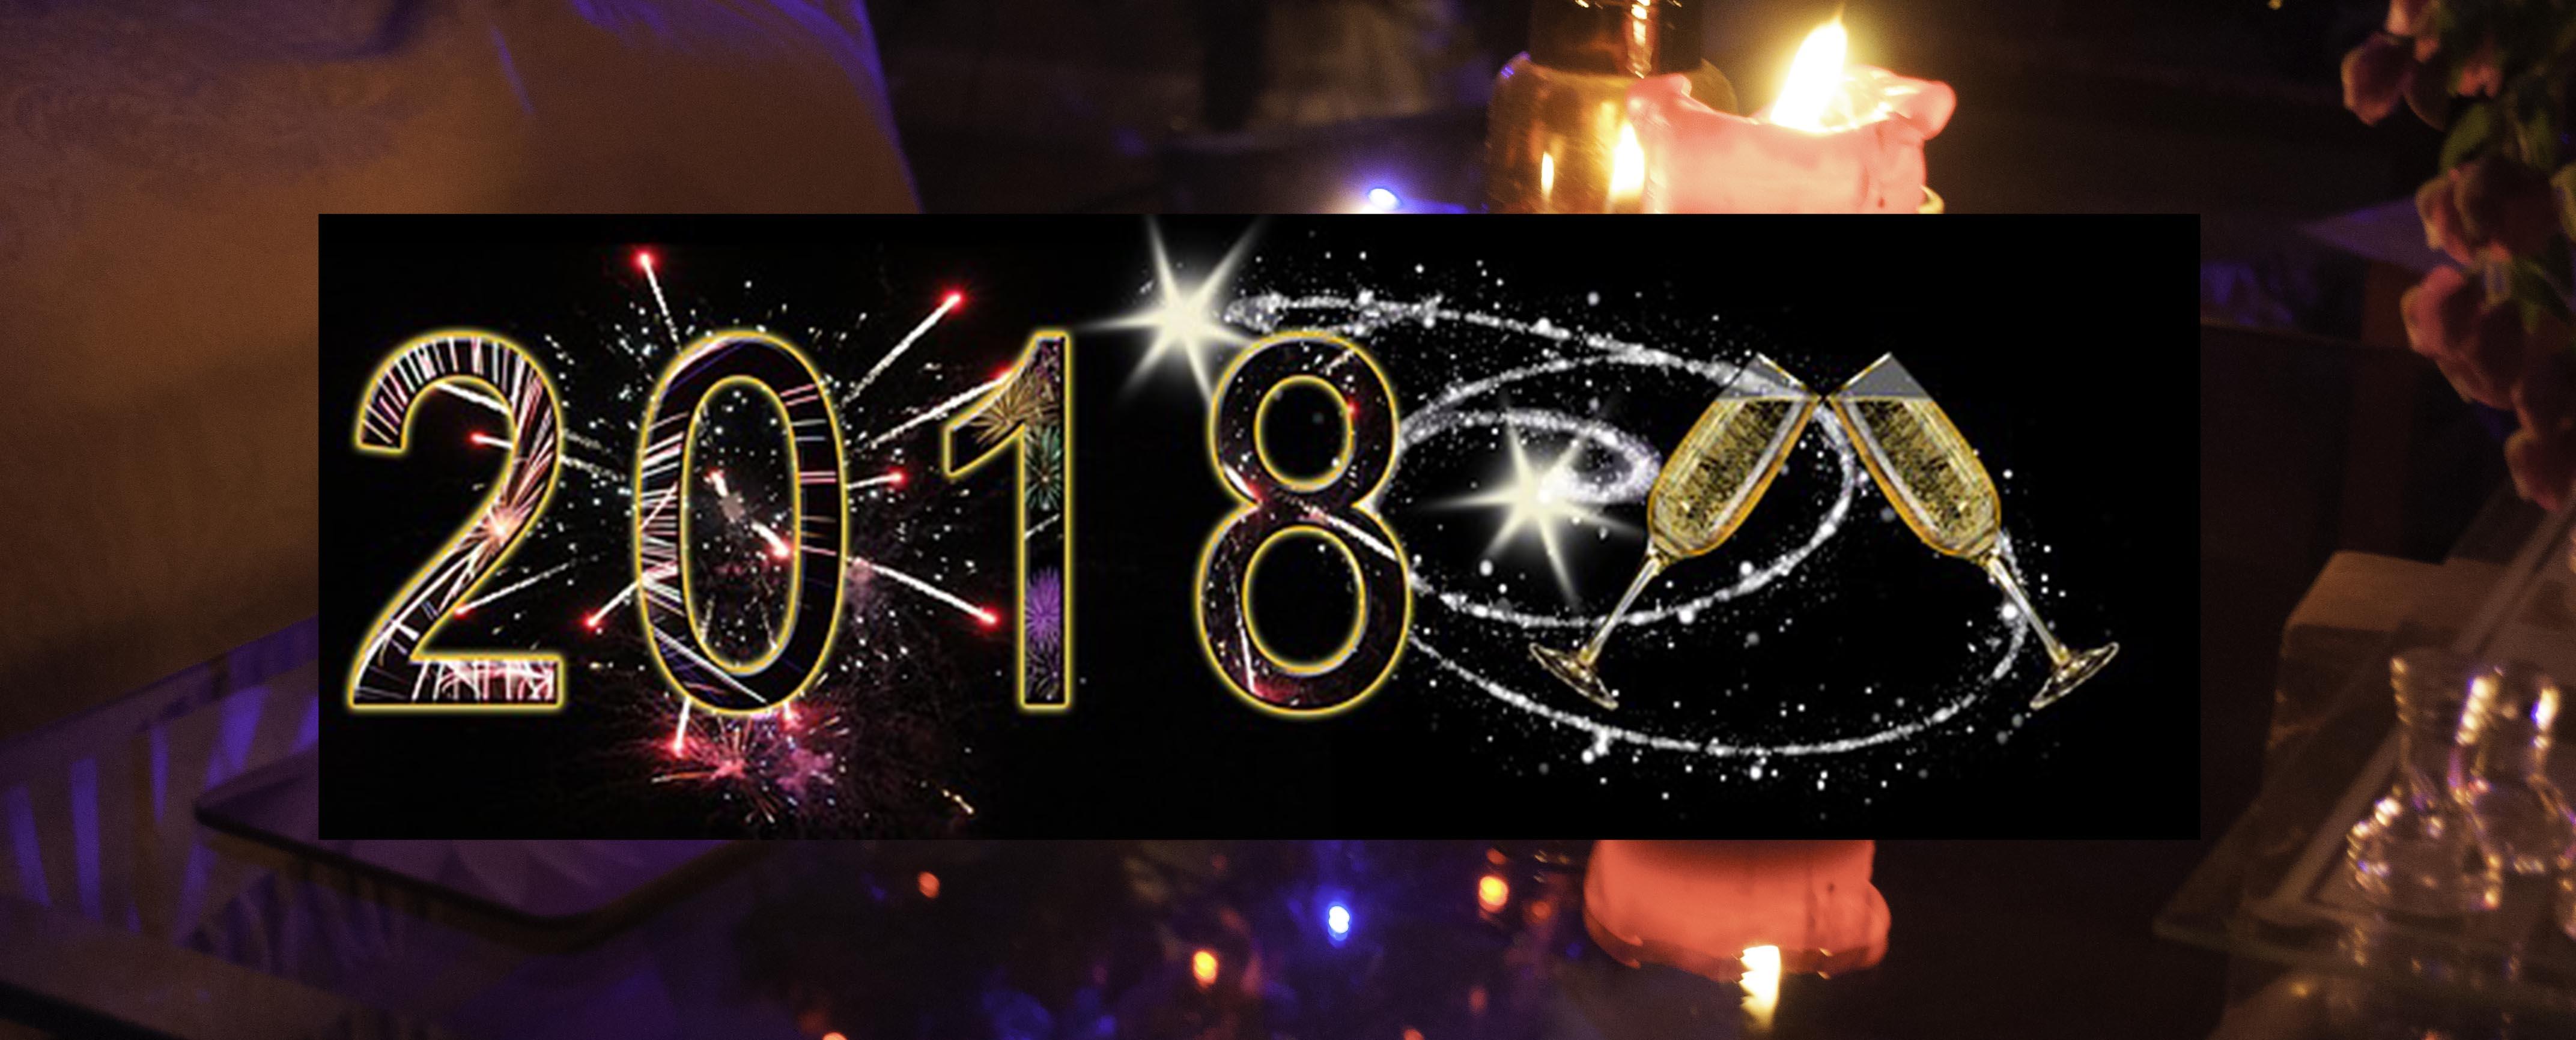 2018,new year,kadira jennings